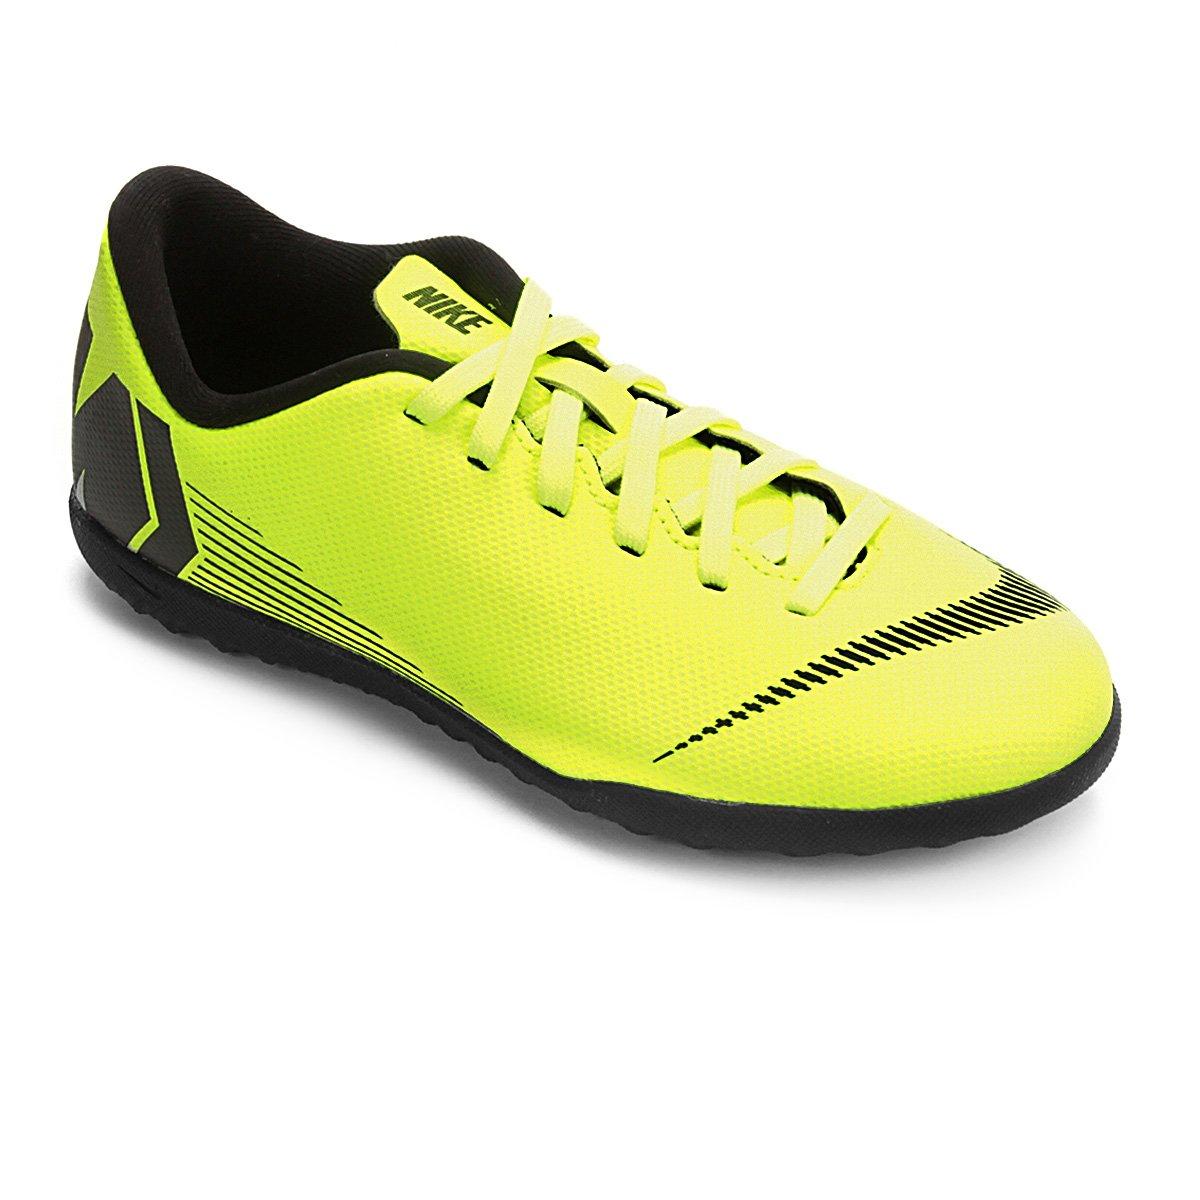 32%OFF Chuteira Society Infantil Nike Mercurial VaporX 12 Club GS TF 934dae2d24f4b